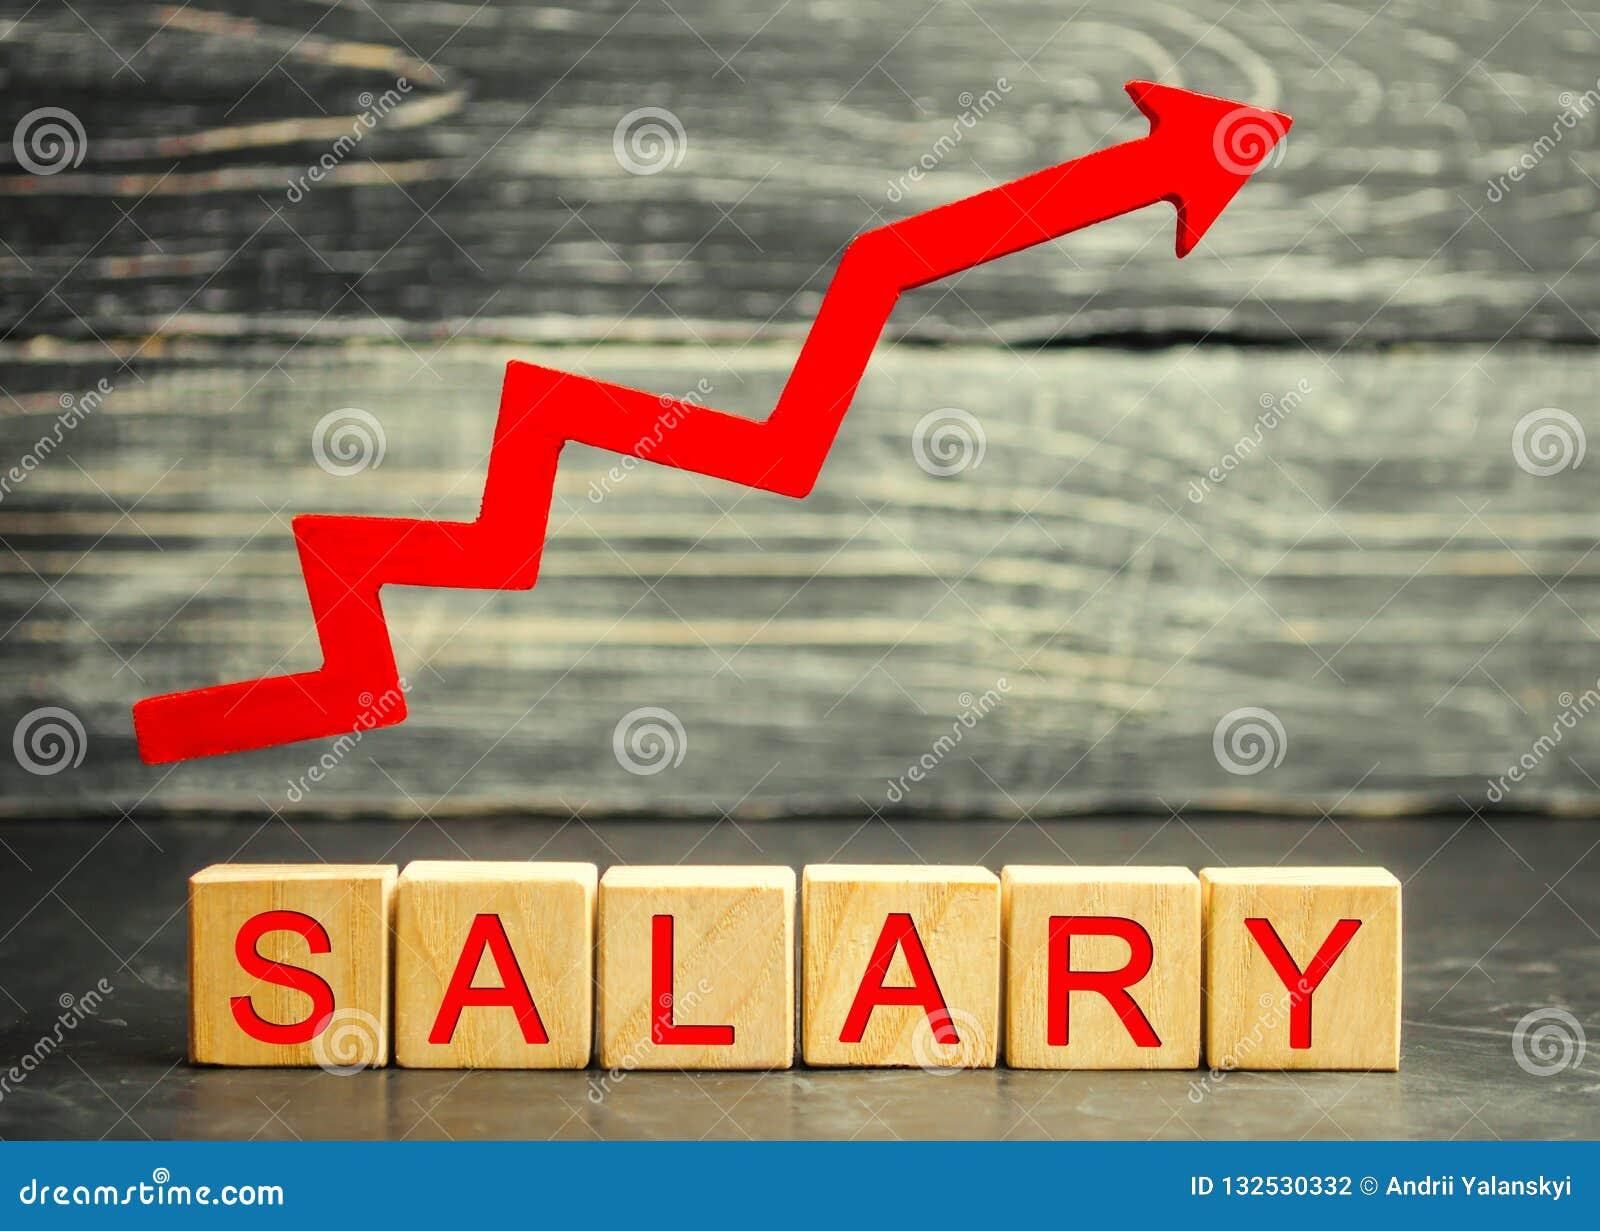 题字薪金和红色箭头 薪金,工资率增量  促进,事业成长 提高标准